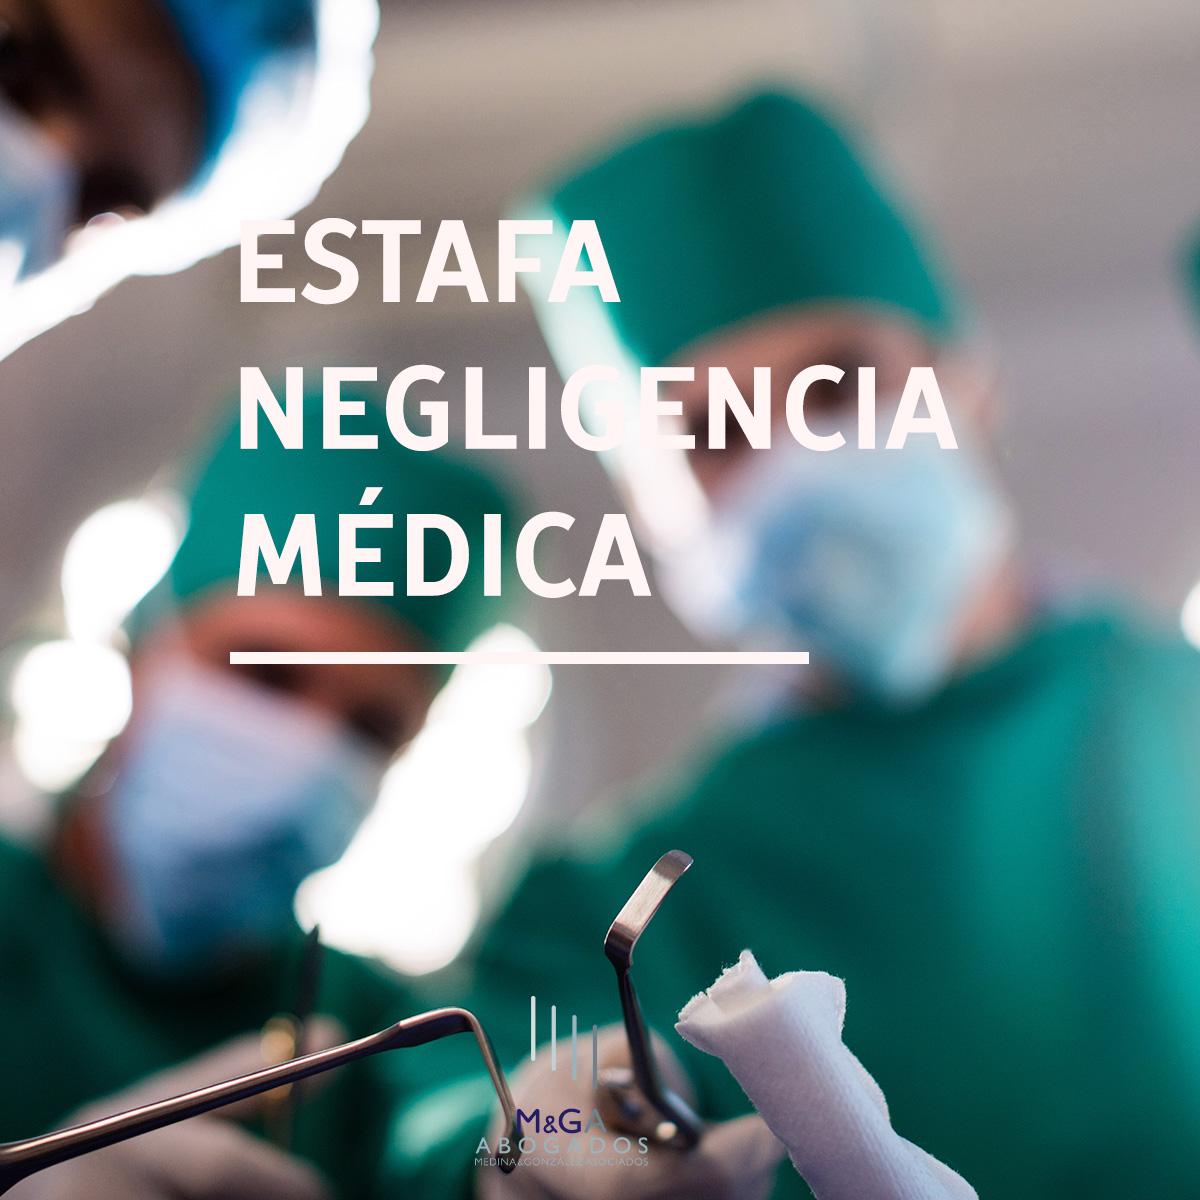 Estafan más de 160.000 euros con la promesa de conseguir una indemnización por negligencia médica